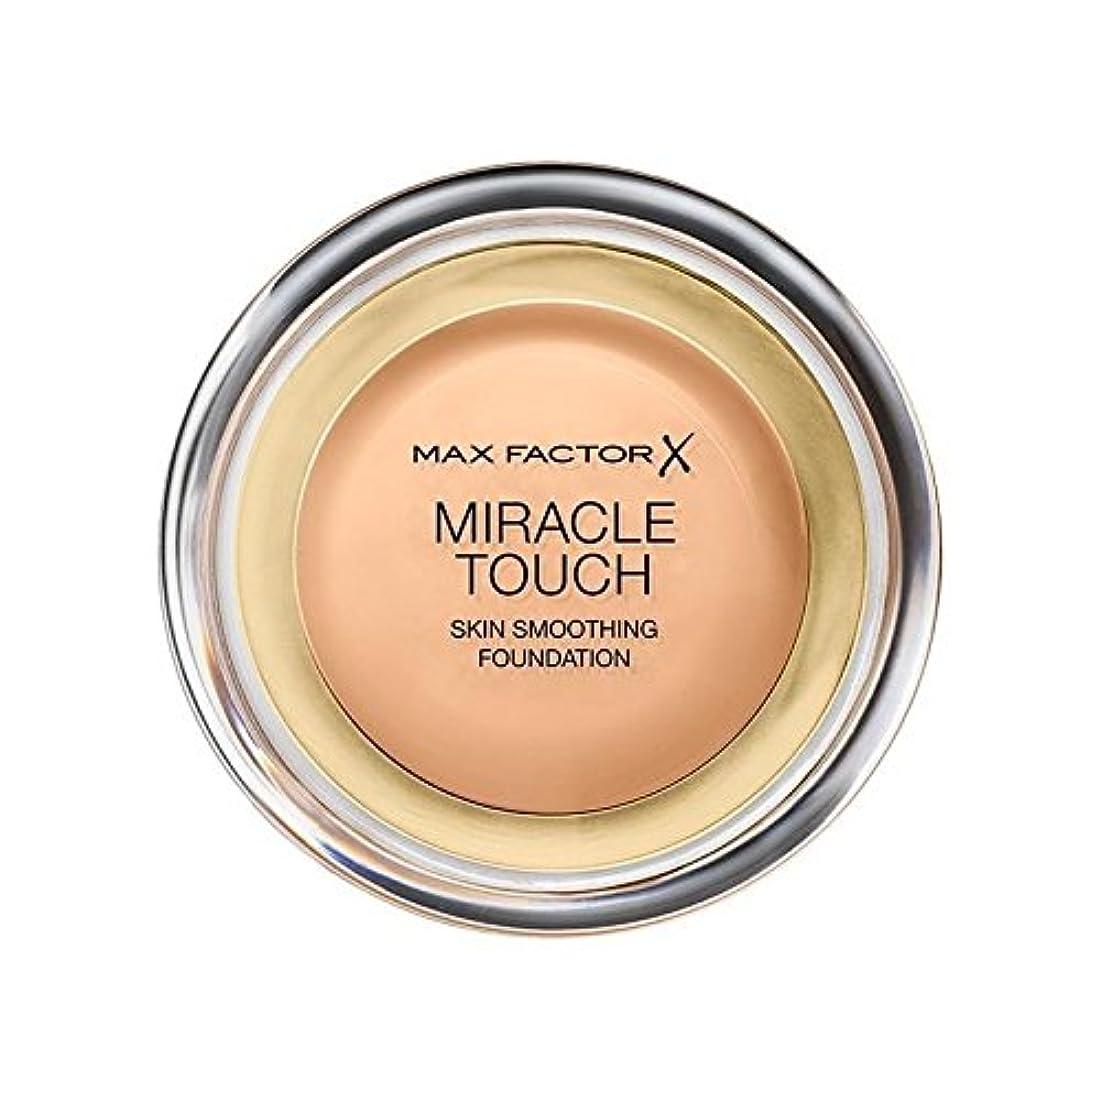 ワット空港強いMax Factor Miracle Touch Foundation Golden 75 - マックスファクターの奇跡のタッチ基盤黄金の75 [並行輸入品]